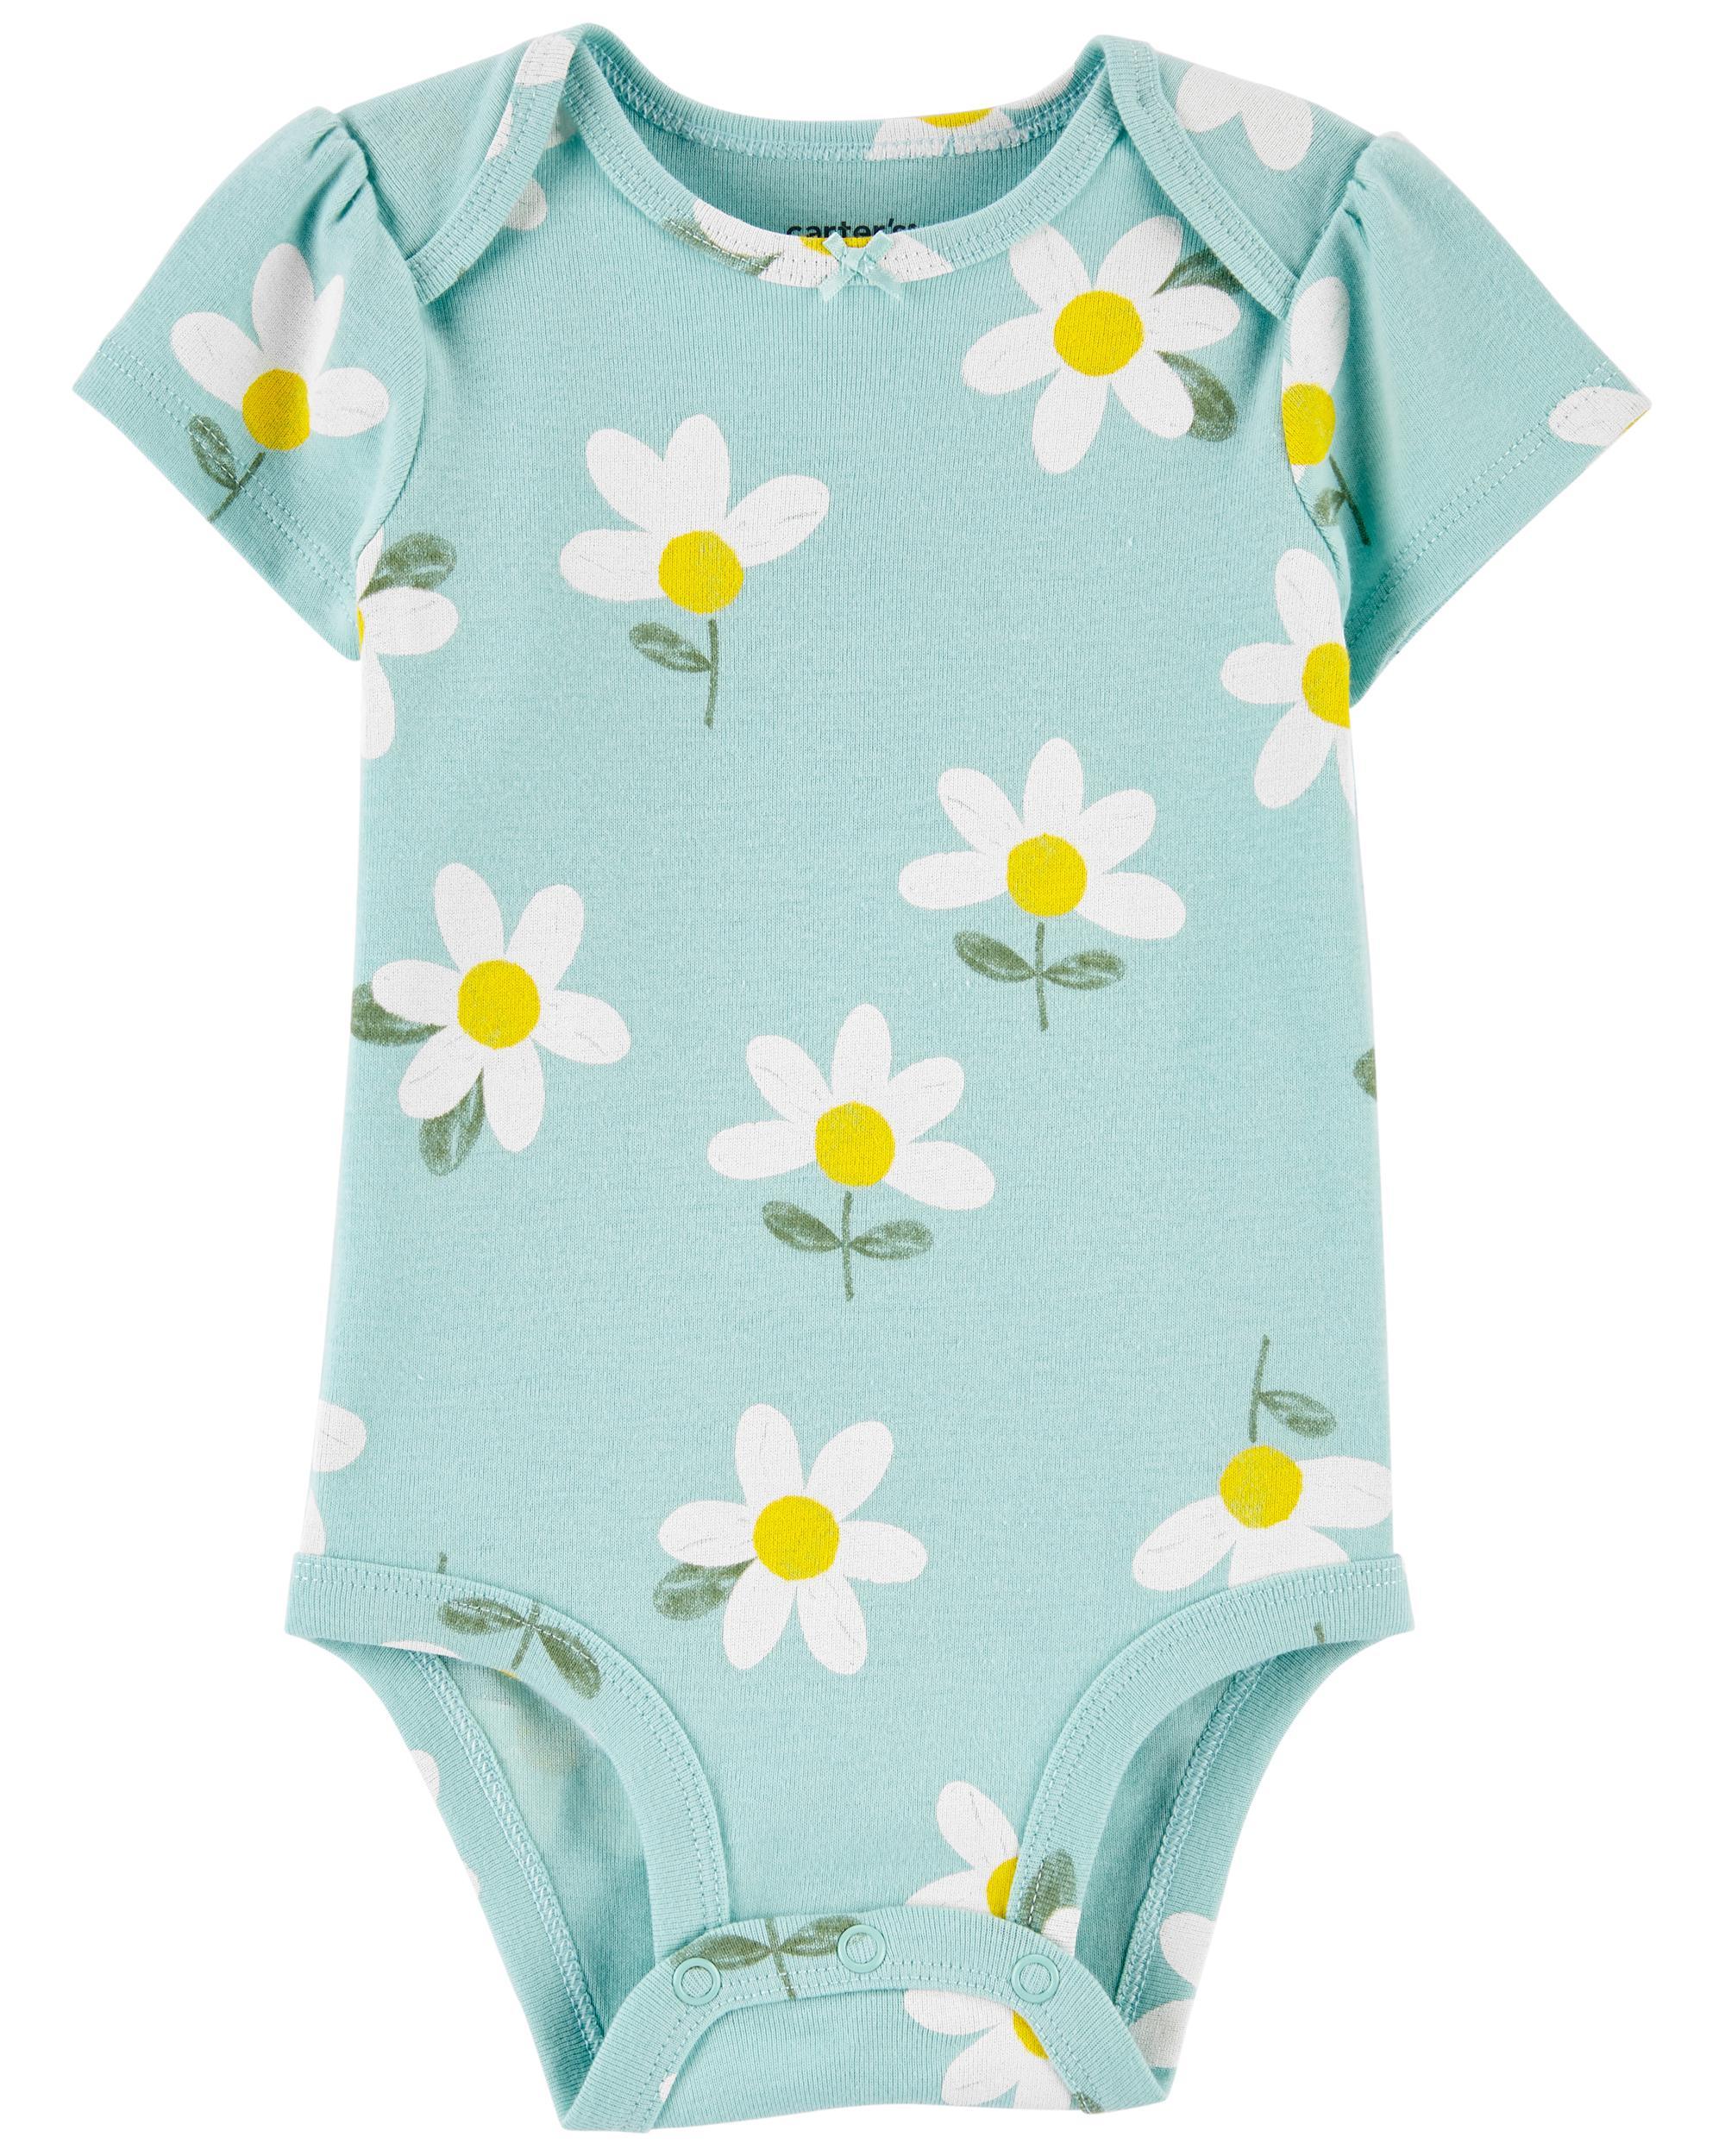 Oshkoshbgosh Floral Original Bodysuit